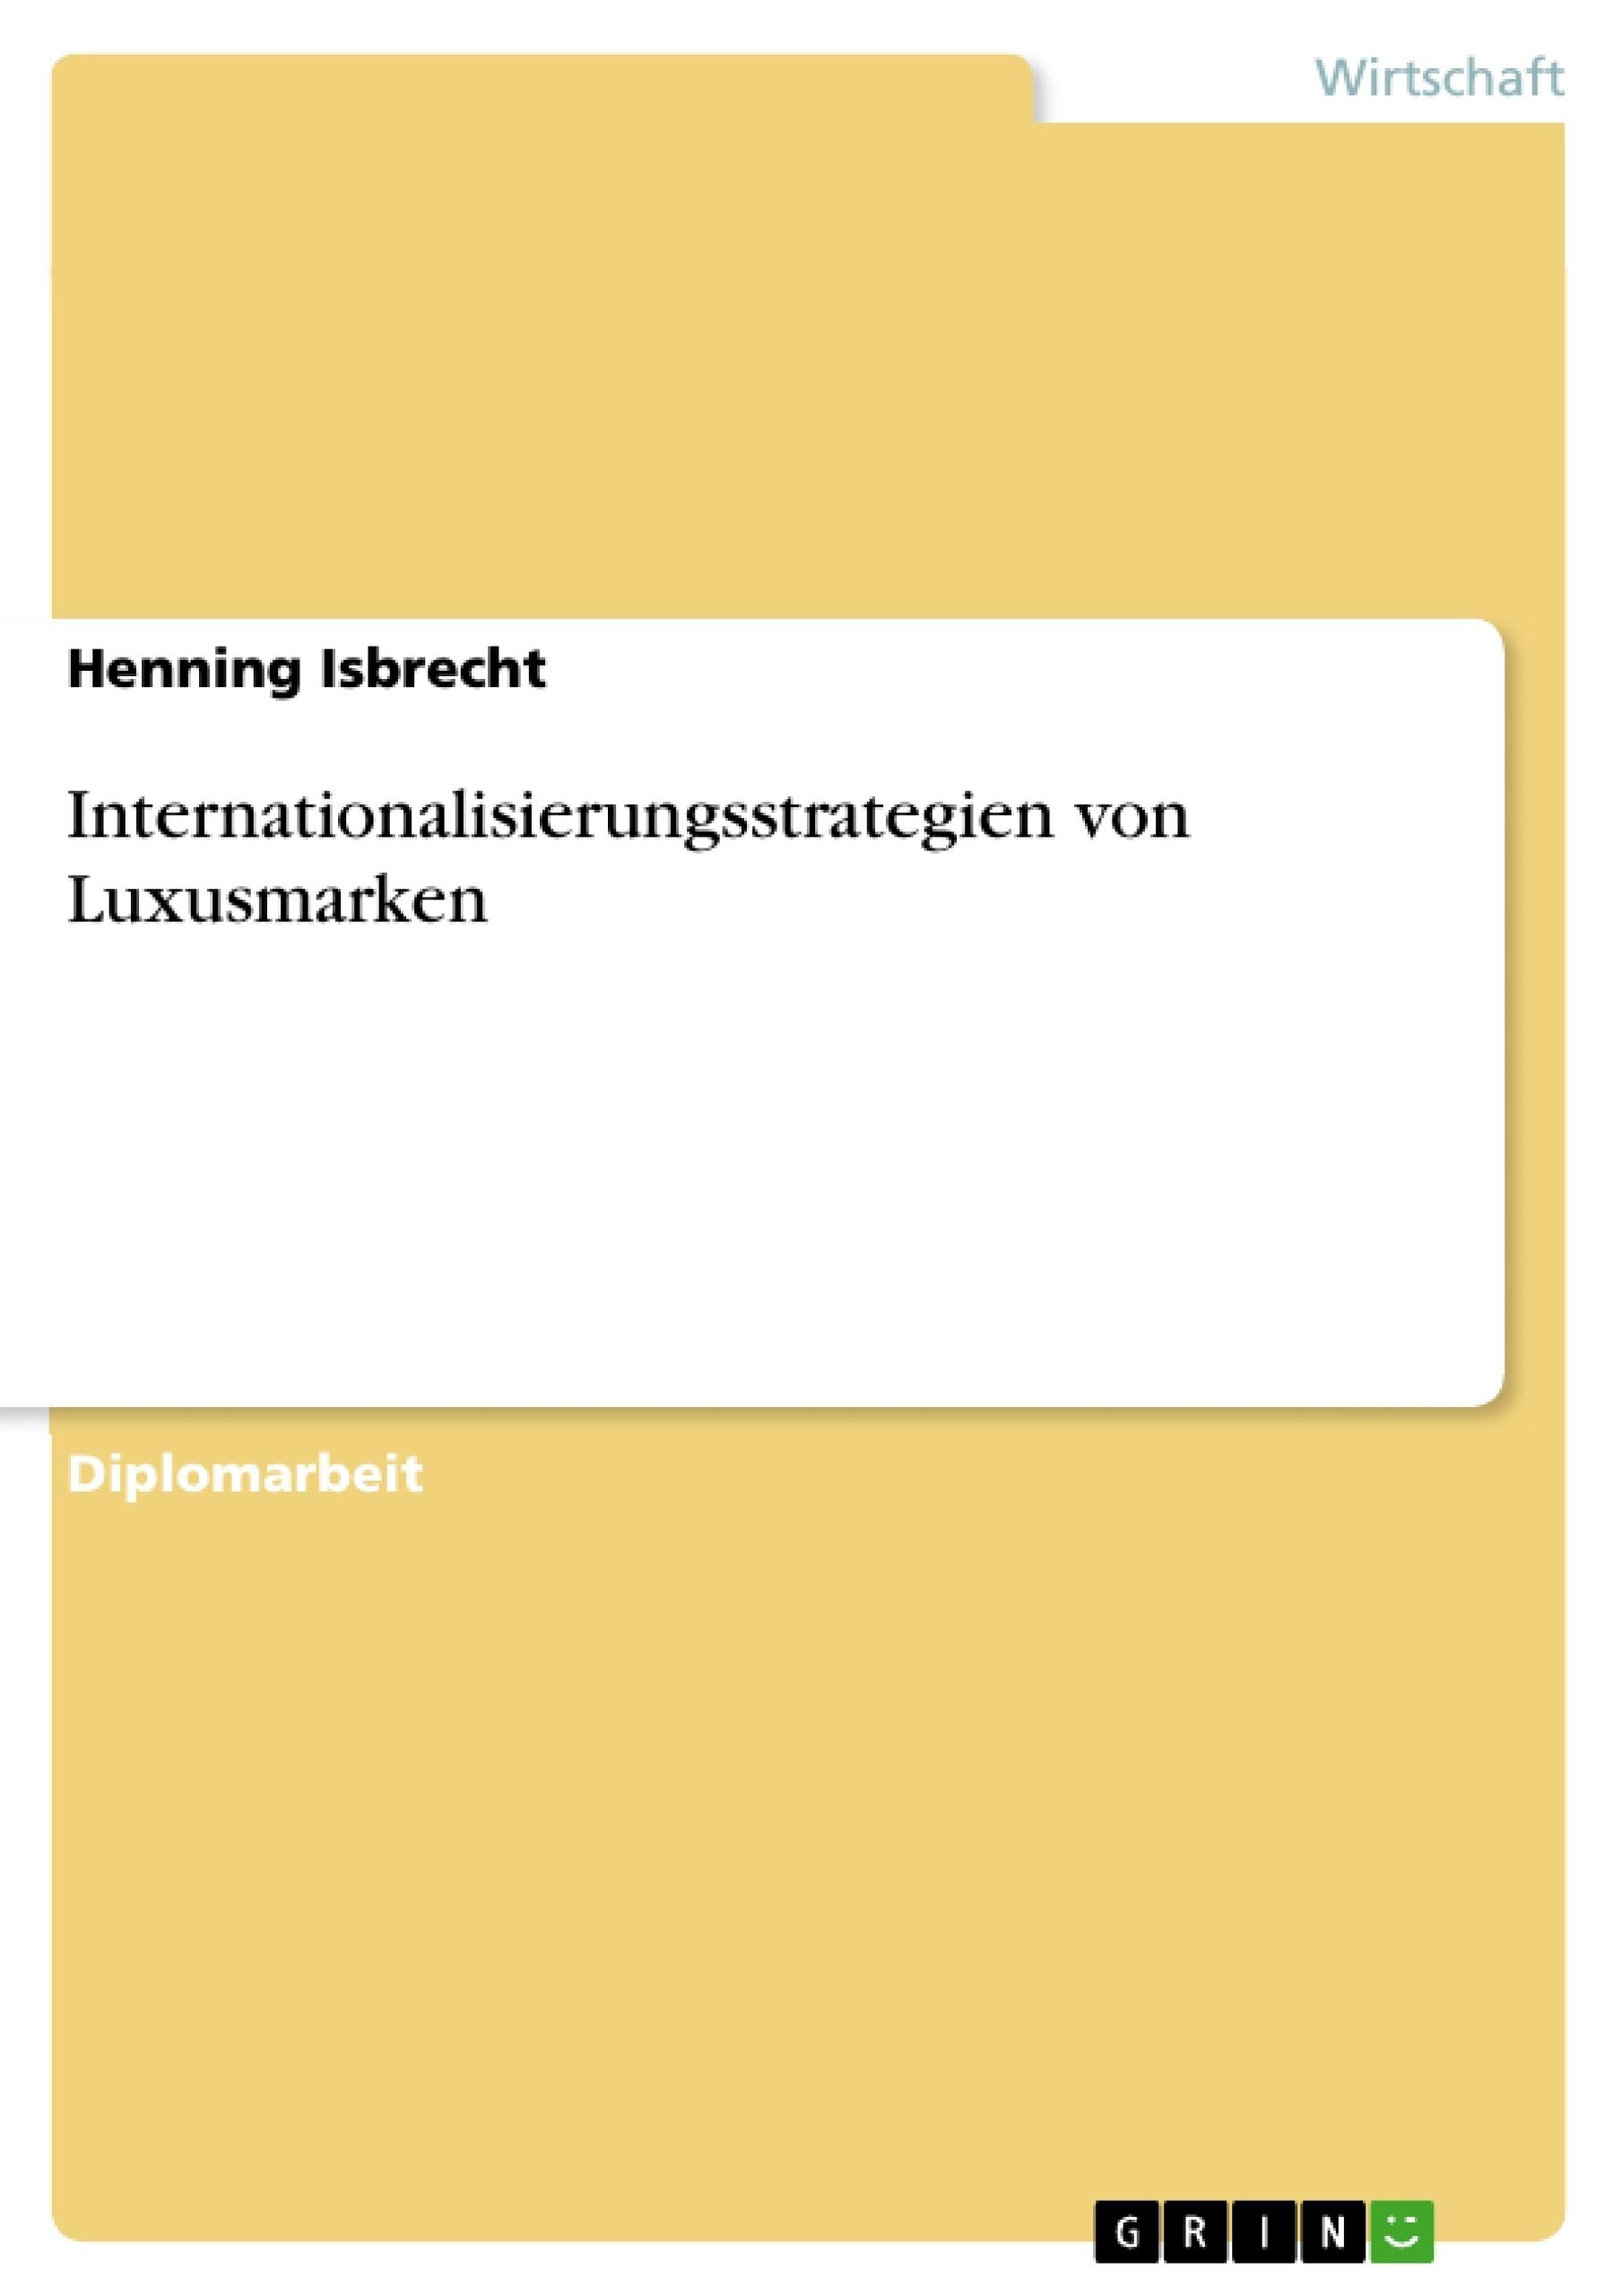 Titel: Internationalisierungsstrategien von Luxusmarken